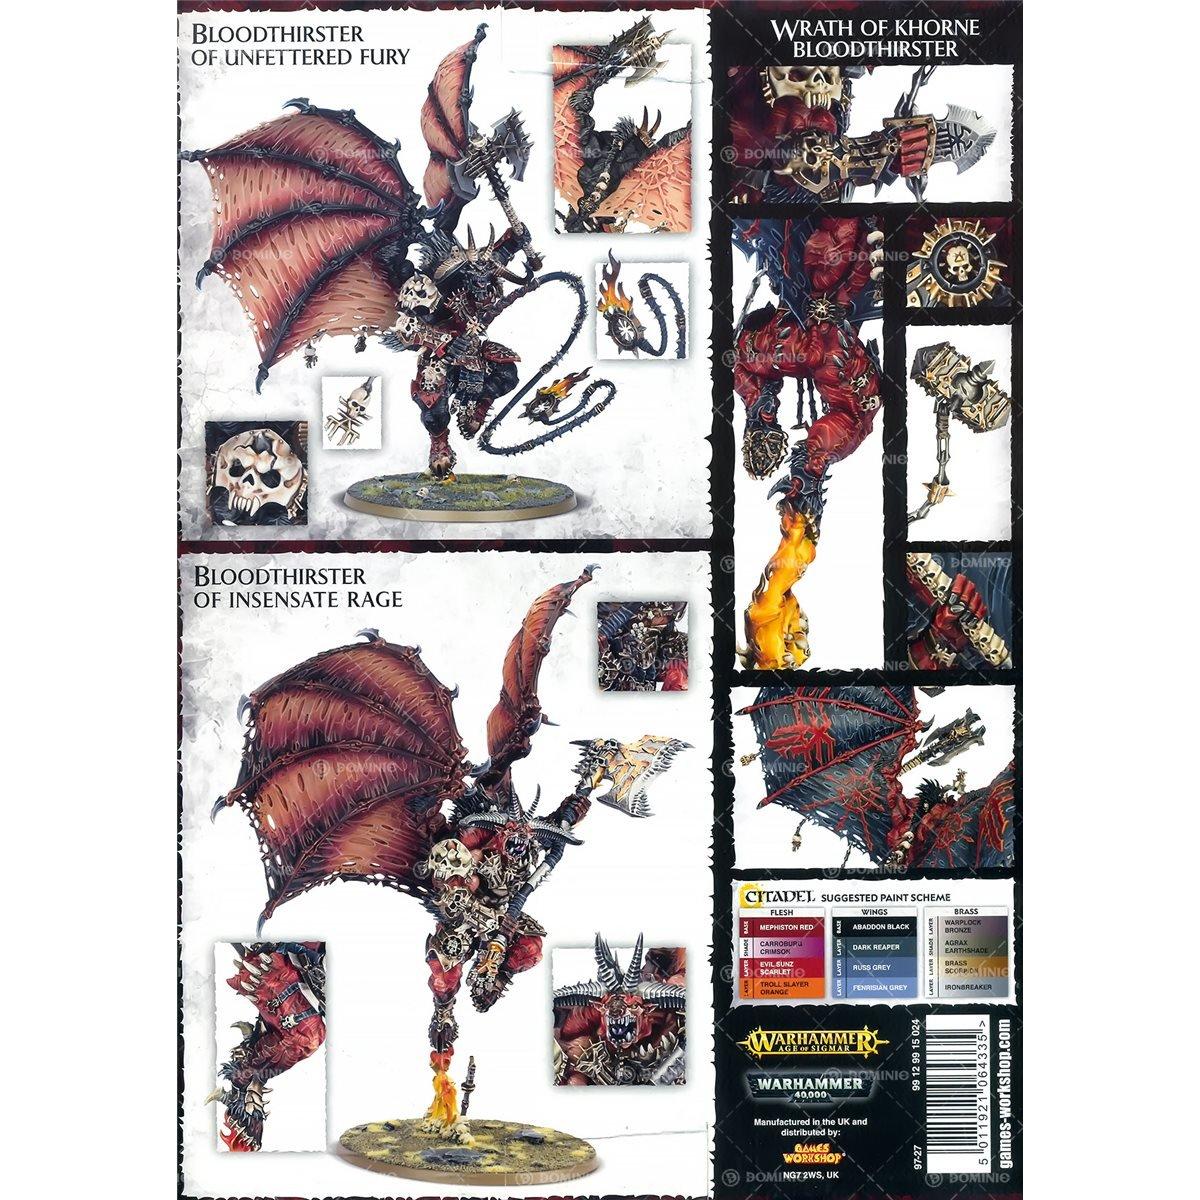 Warhammer Fantasy / Warhammer 40K Khorne Bloodthirster by Games Workshop (Image #5)